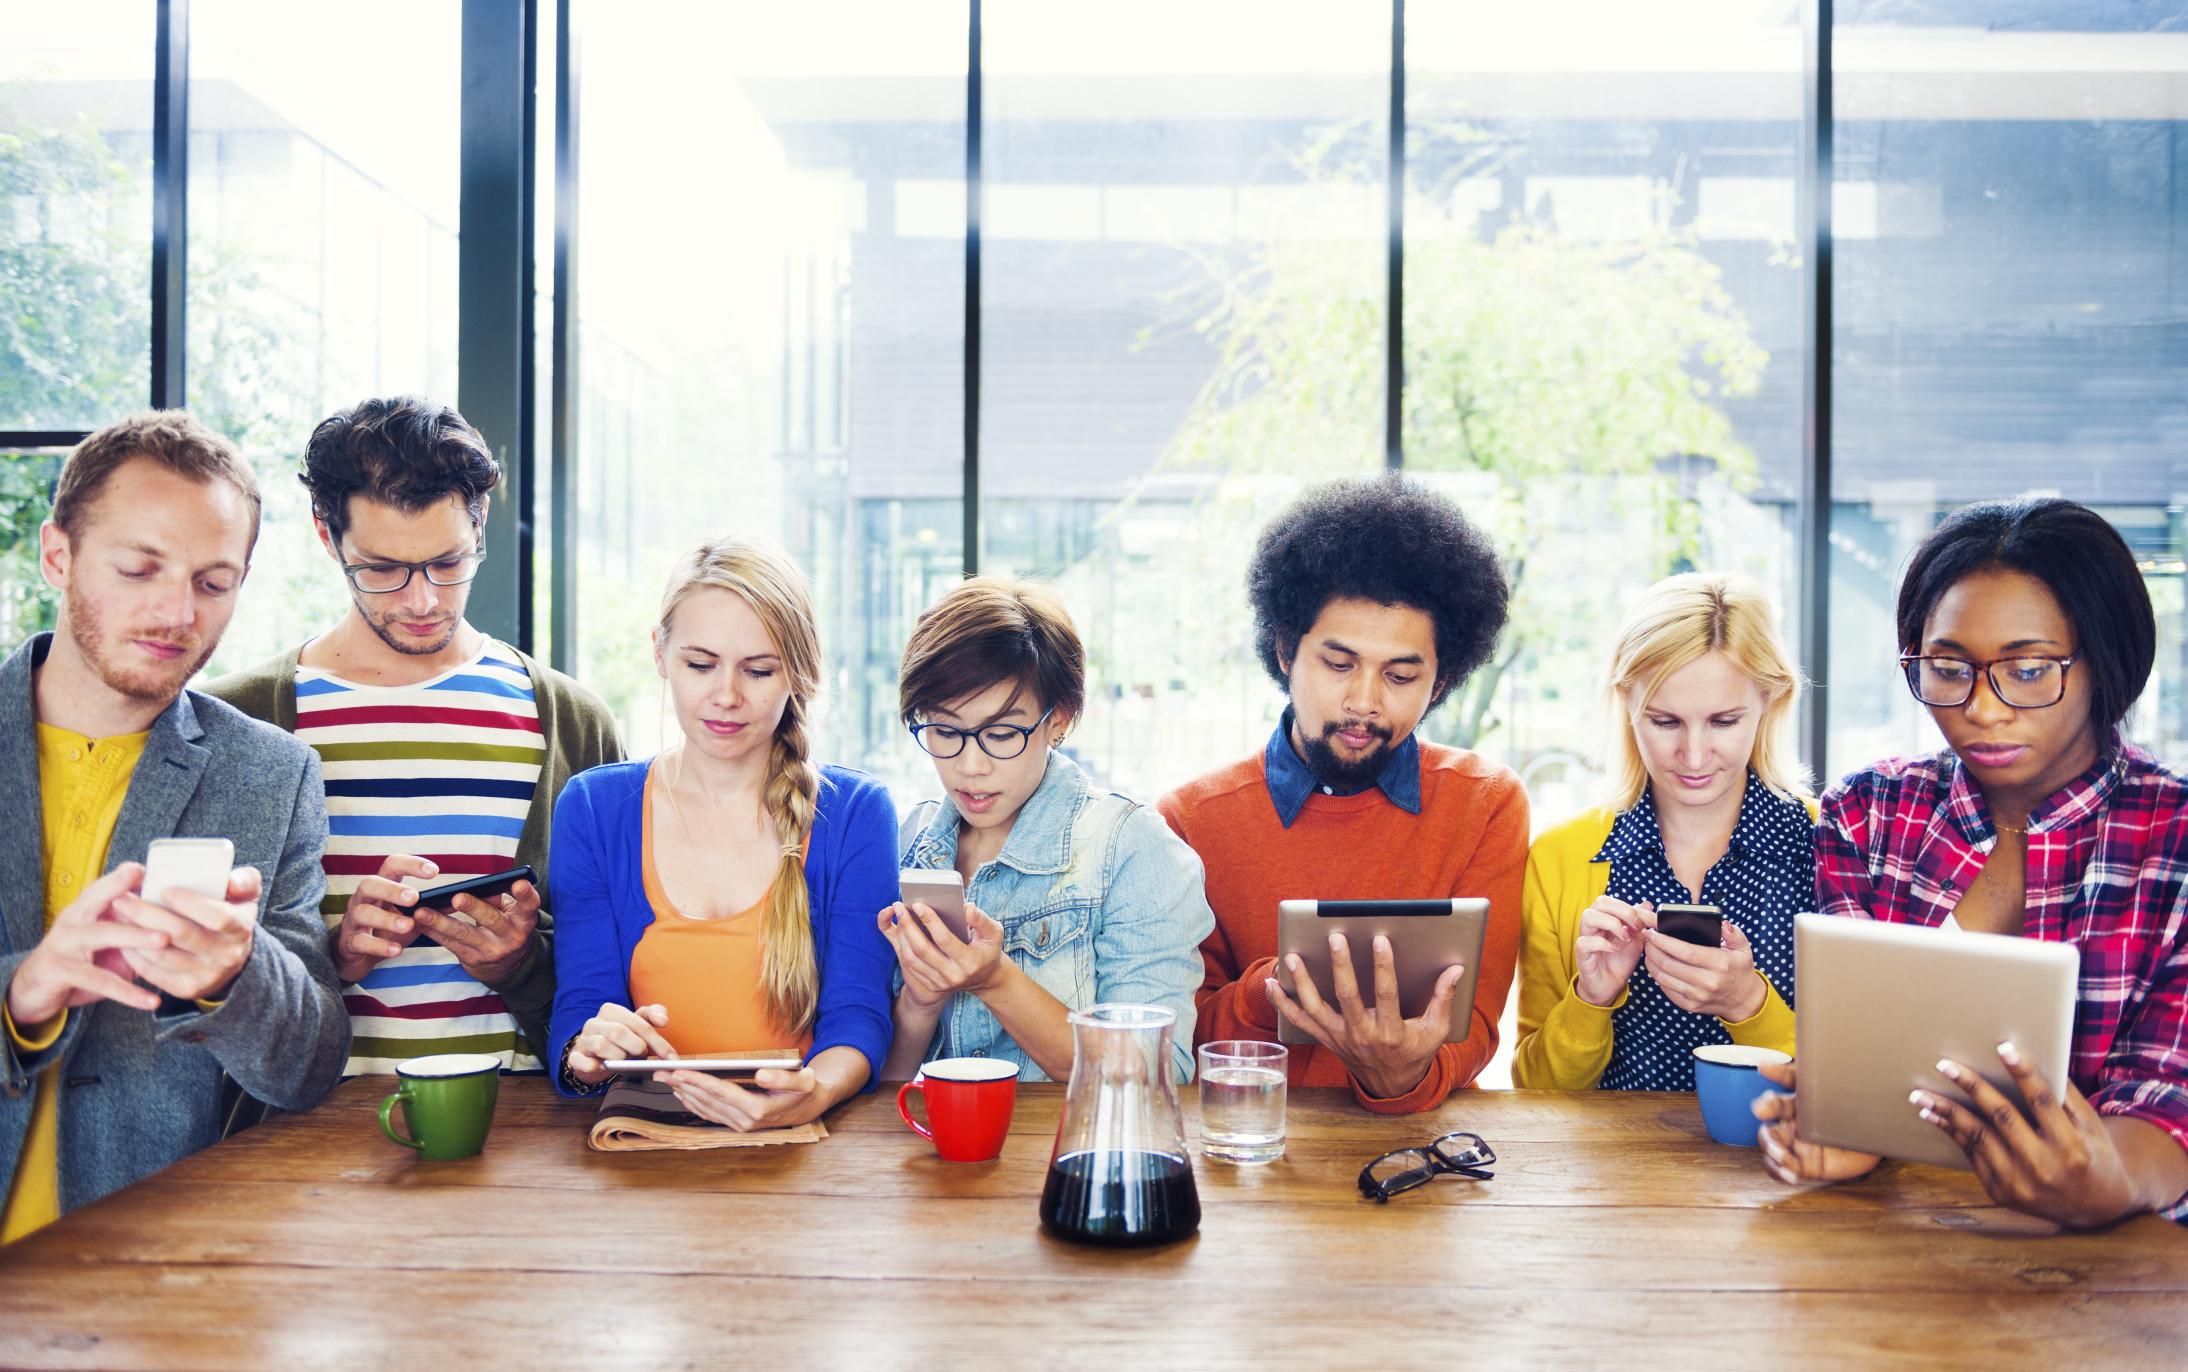 millennials